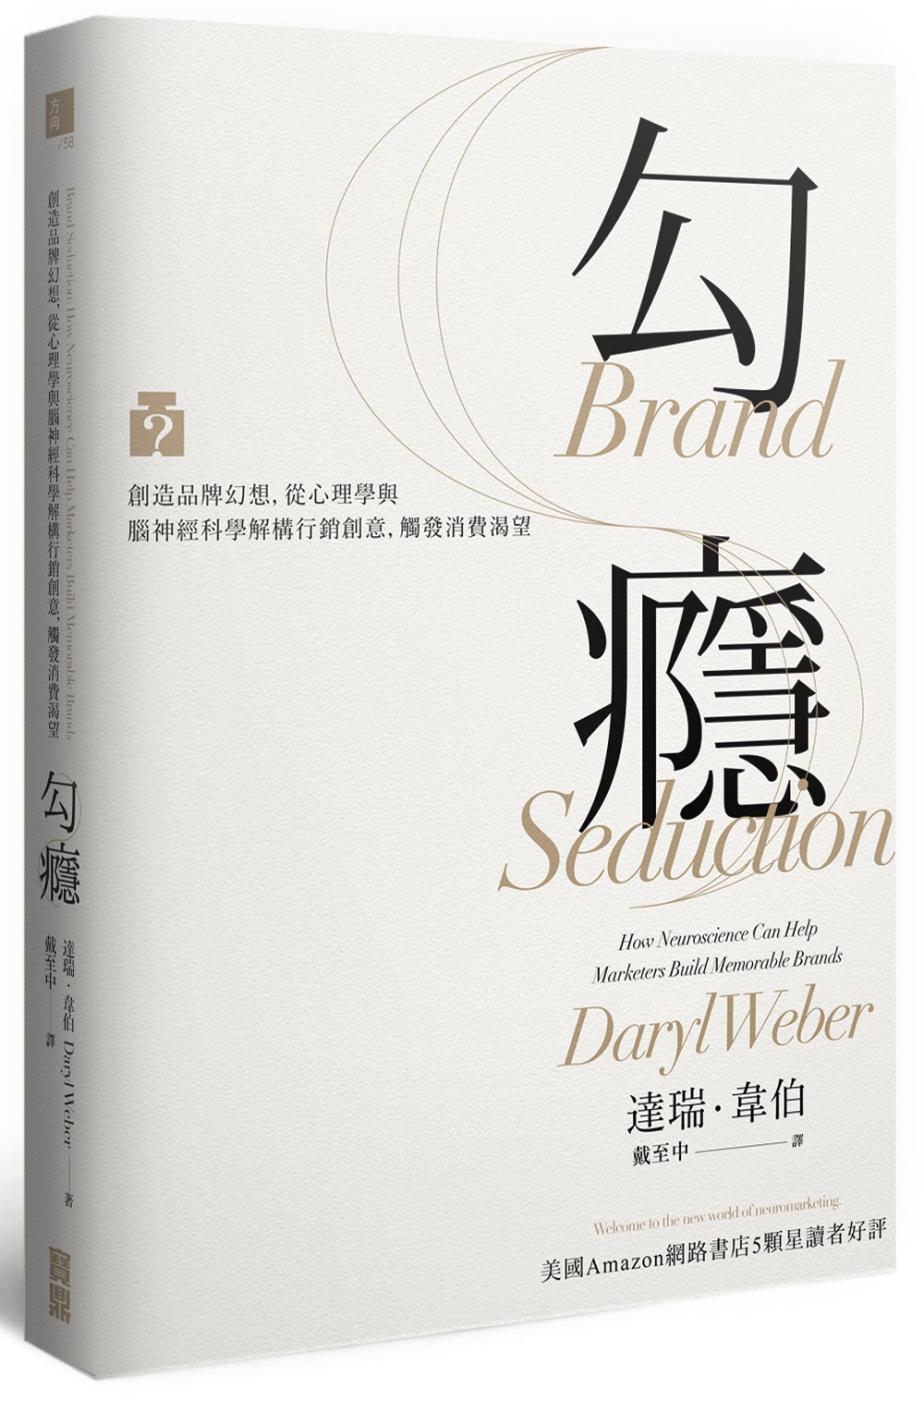 勾癮:創造品牌幻想,從心理學與腦神經科學解構行銷創意,觸發消費渴望